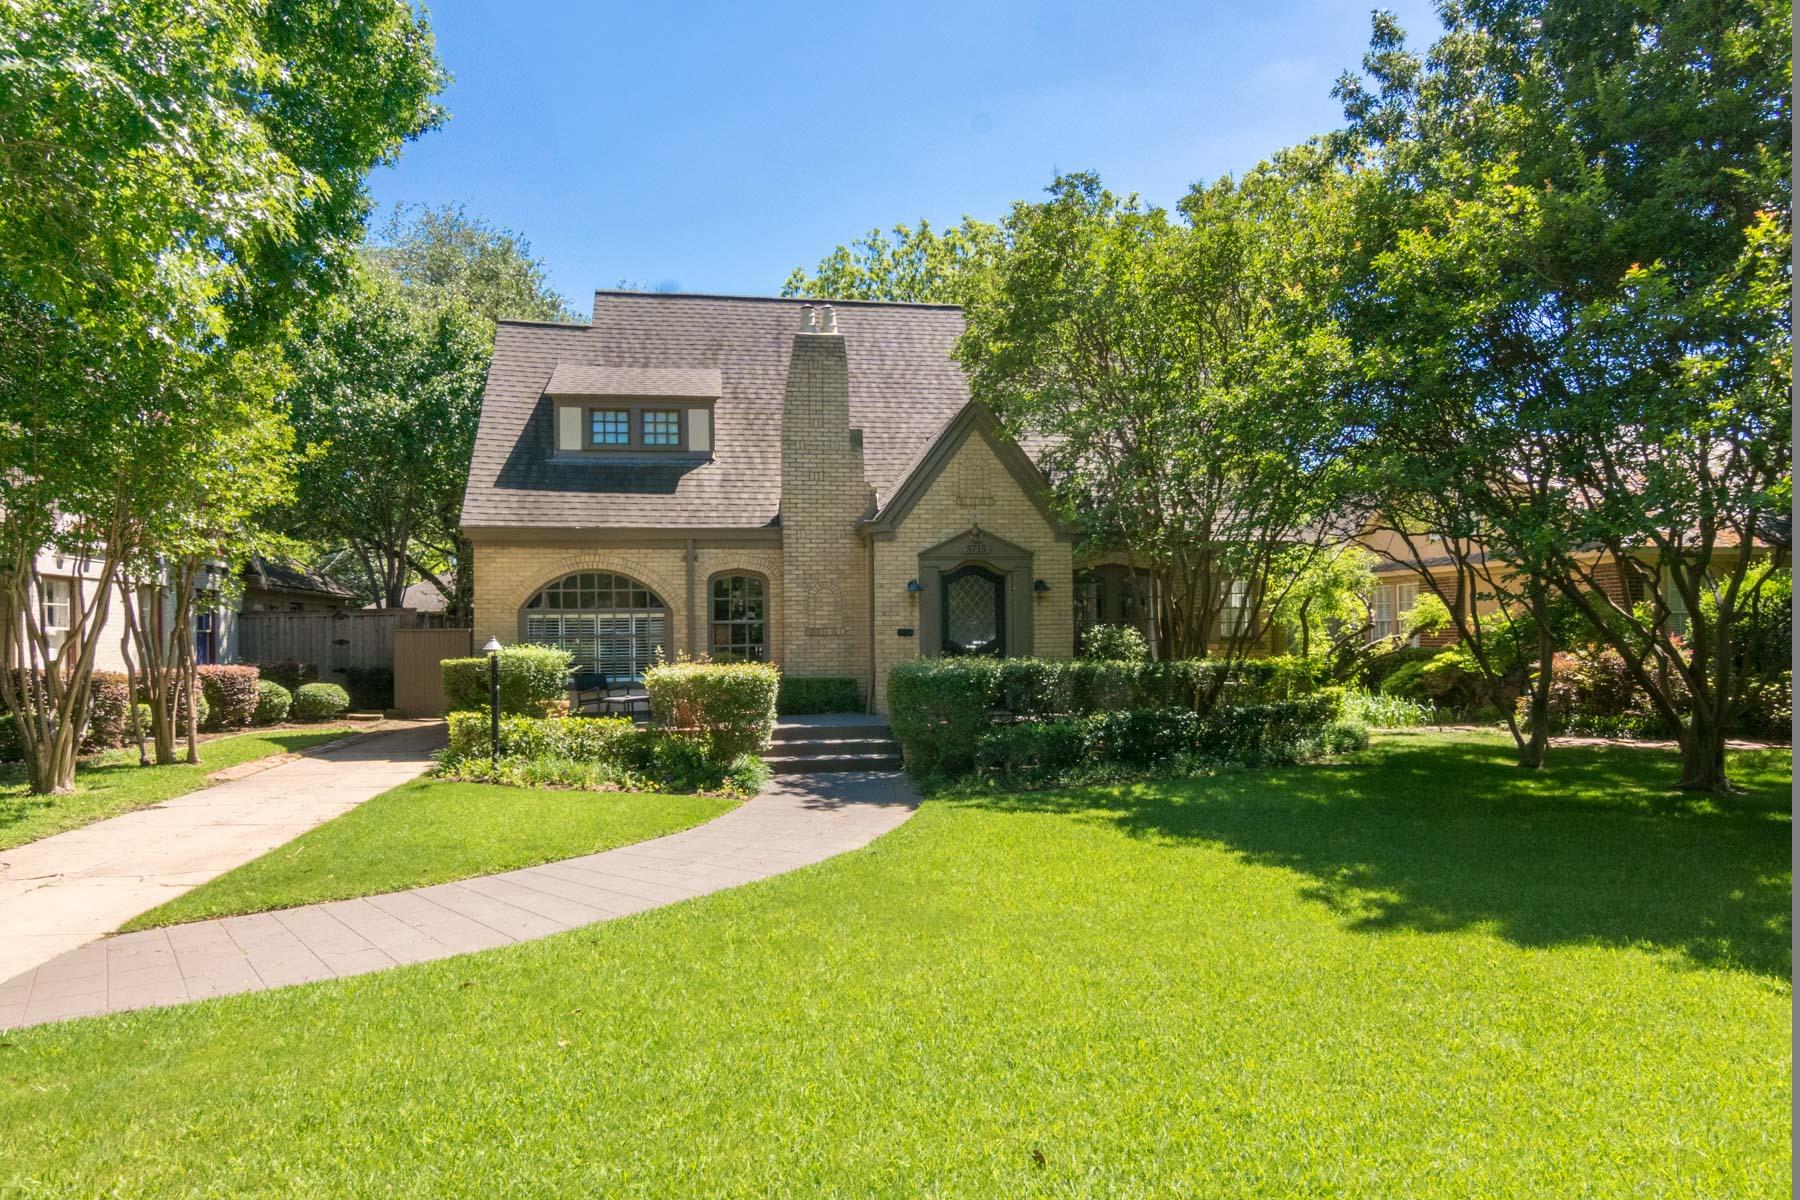 단독 가정 주택 용 매매 에 Highland Park Traditional 3715 Mockingbird Lane Dallas, 텍사스, 75205 미국